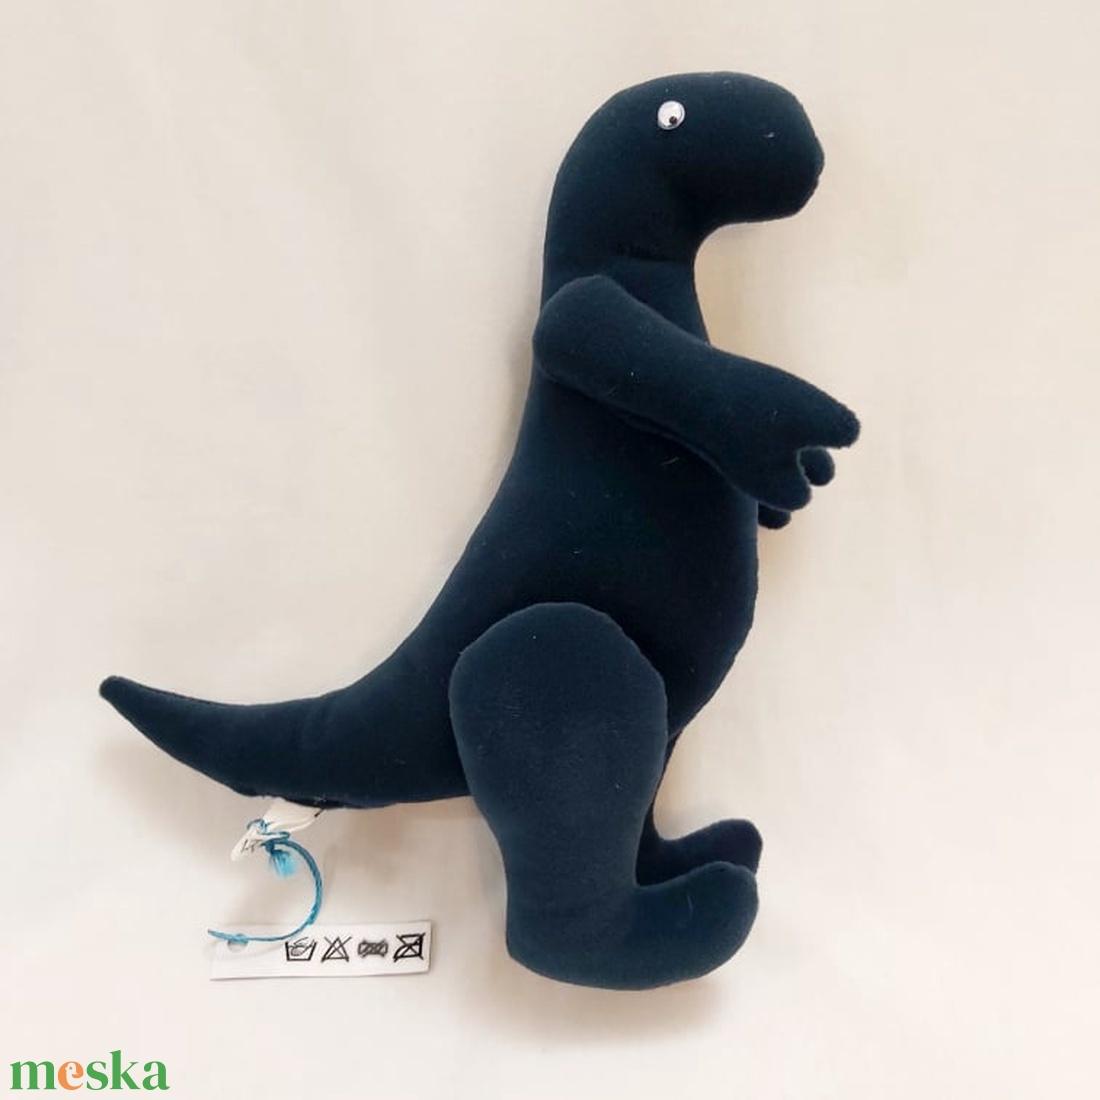 Tirexházi Kedd, a T-rex - neKedD dinókollekció - játék & gyerek - plüssállat & játékfigura - más figura - Meska.hu